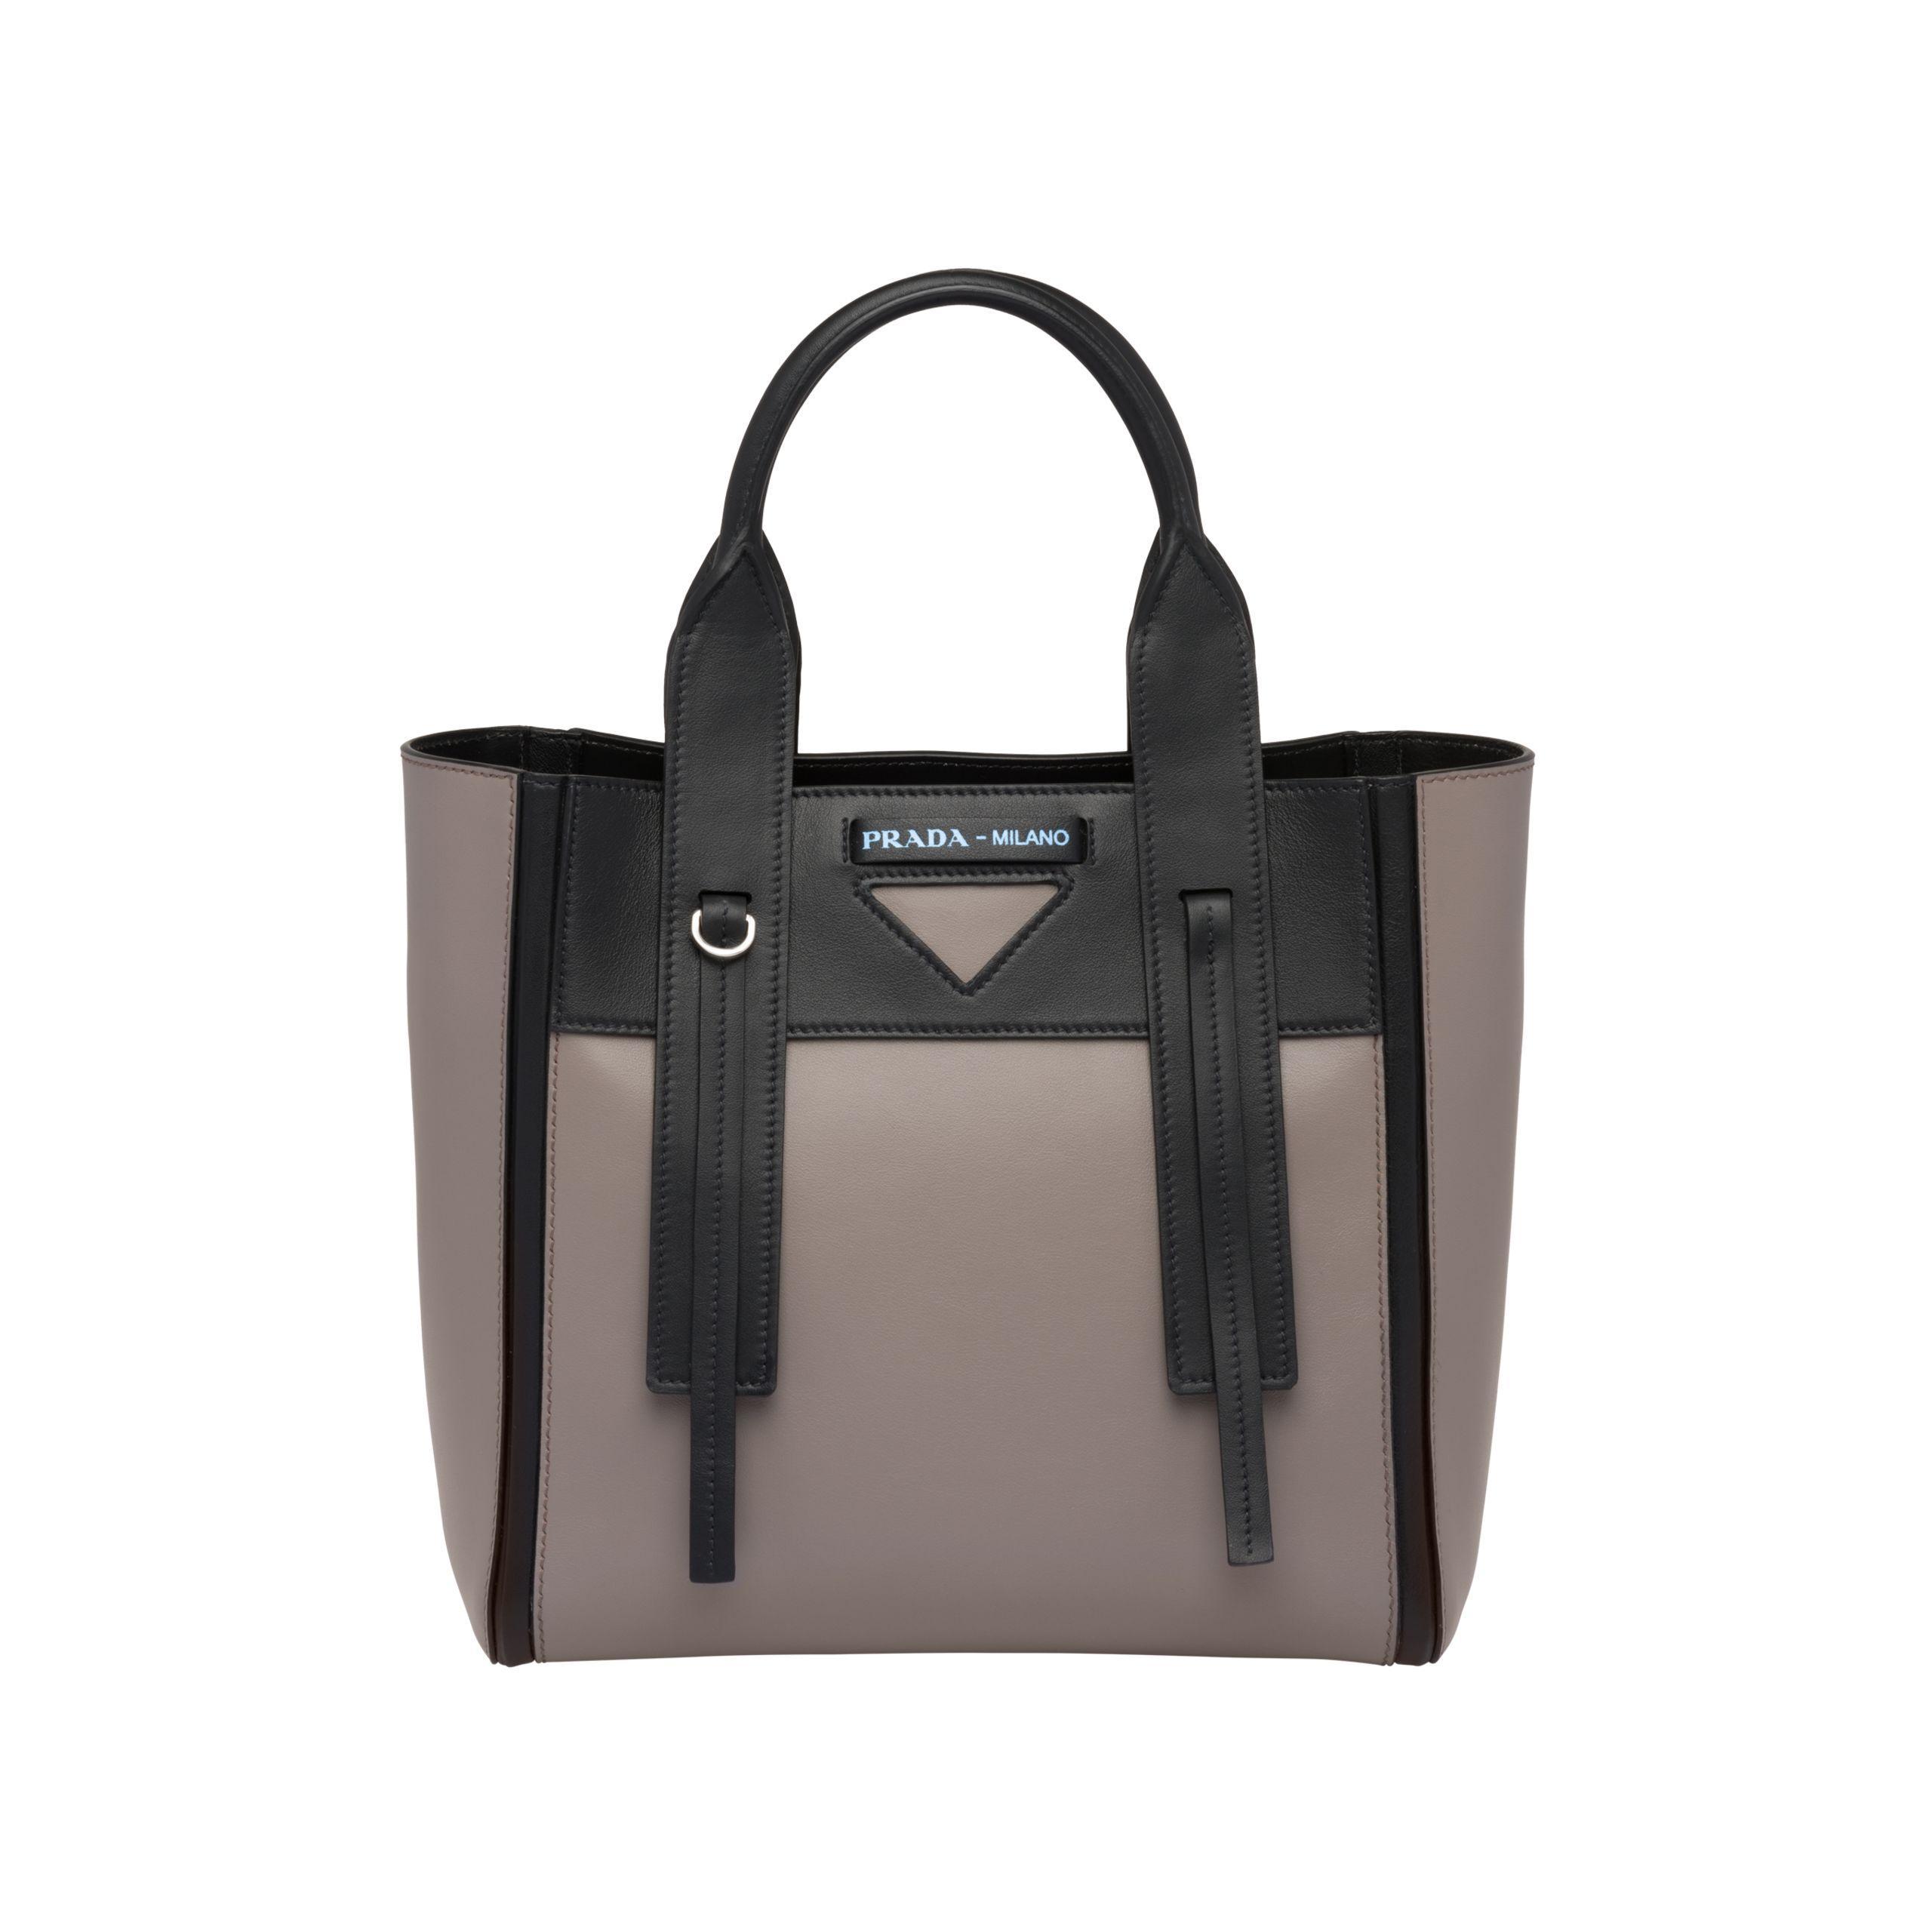 79e78e78f3 Lyst - Prada Ouverture Small Leather Bag in Black